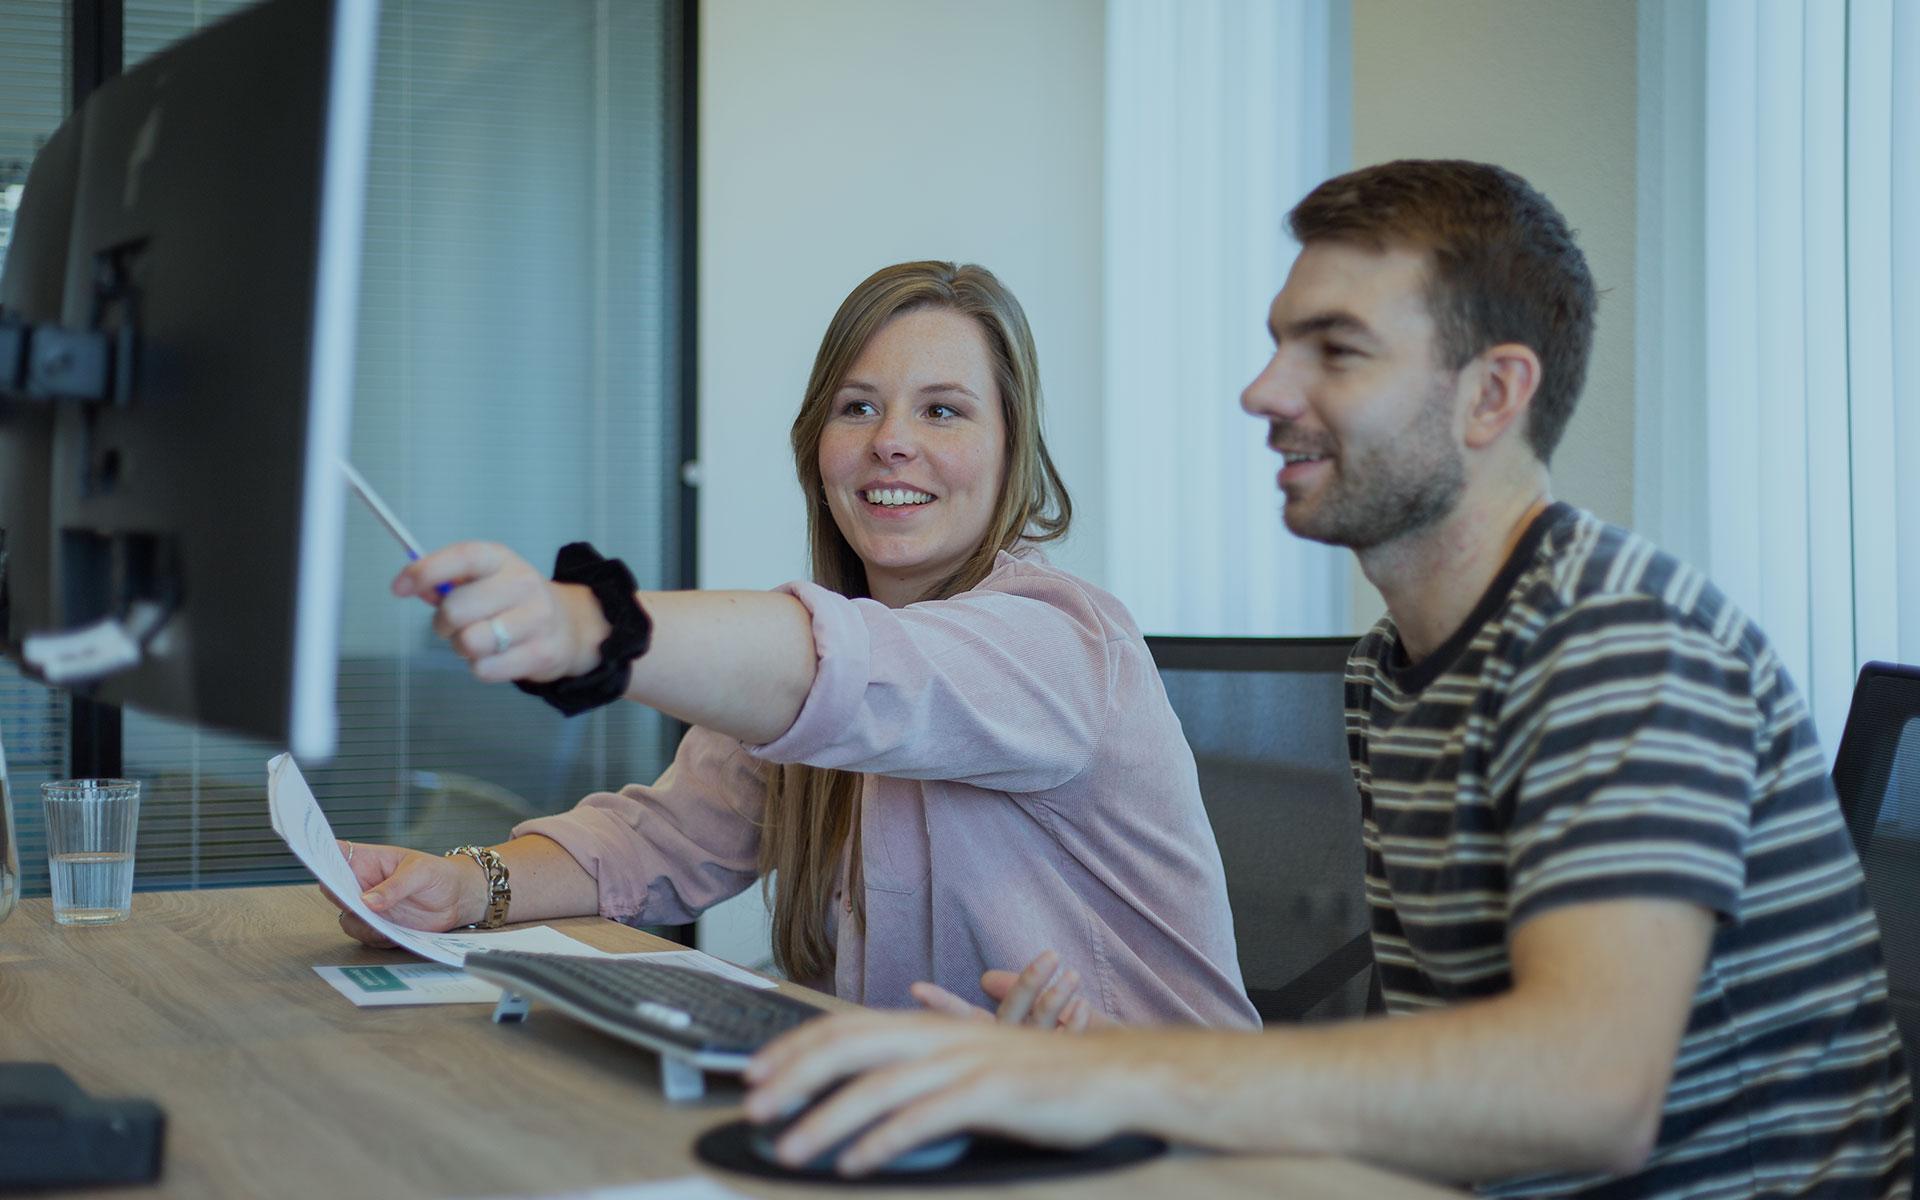 Positie1 - Online Marketingbureau in Zwolle